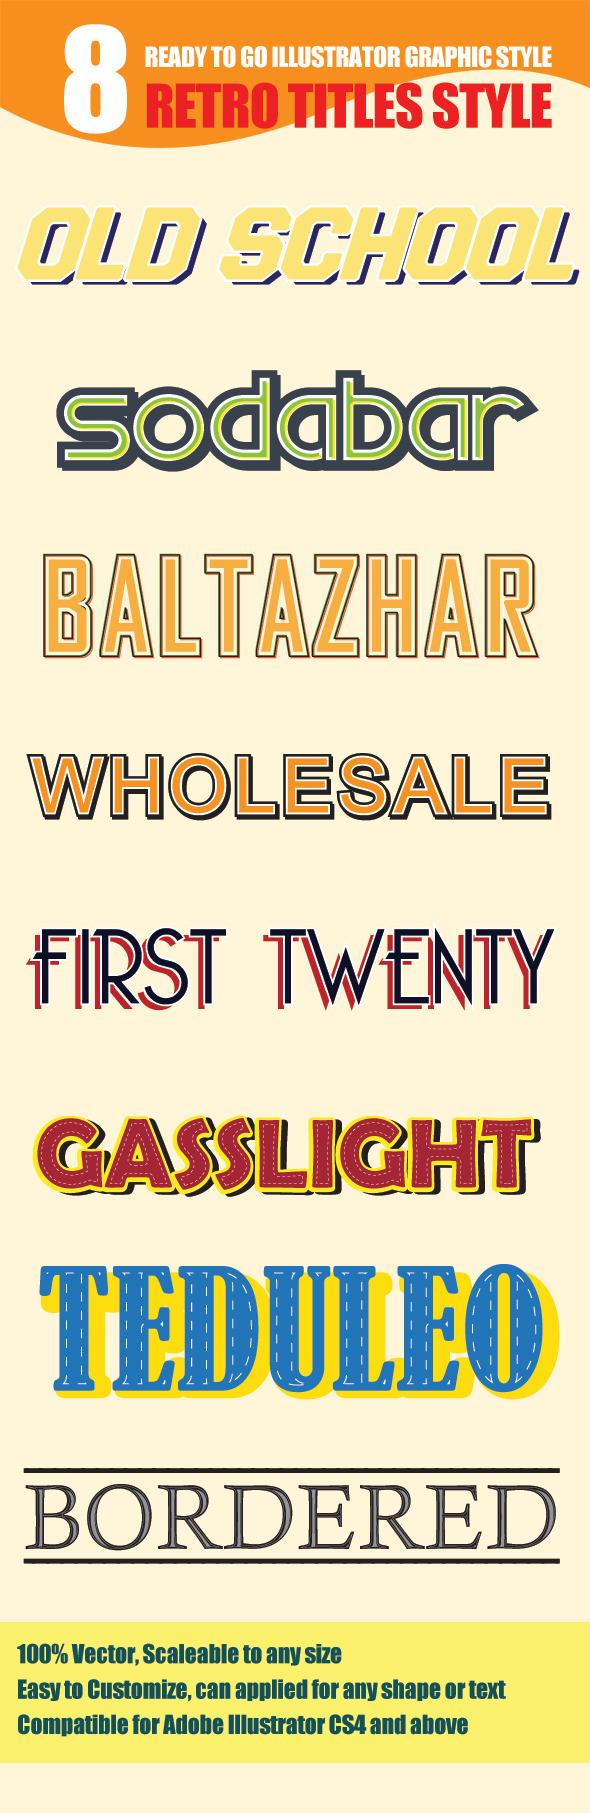 GraphicRiver 8 Retro Text Style 9222682